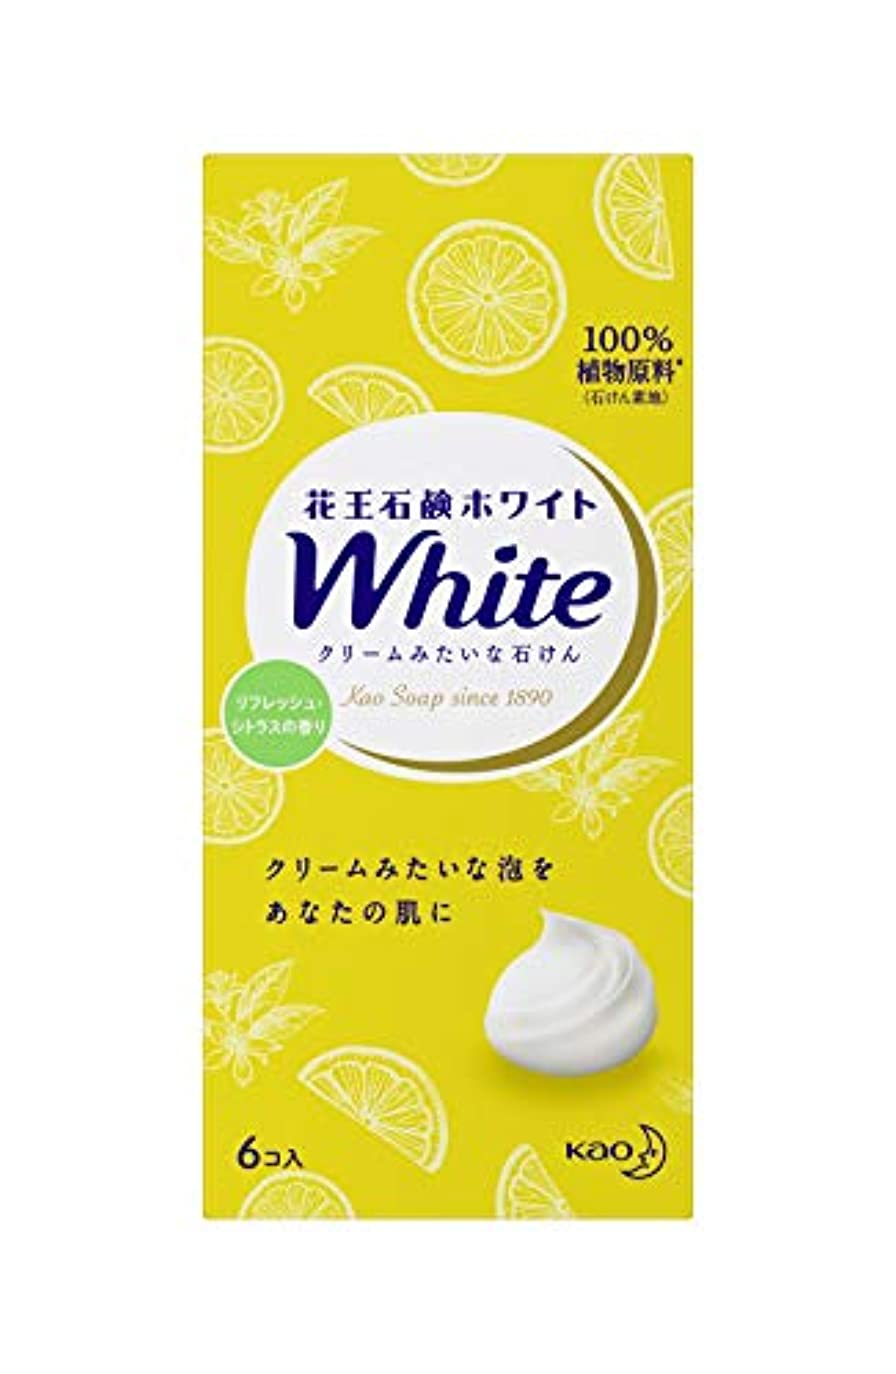 誰のイヤホン乱雑な花王ホワイト リフレッシュシトラスの香り レギュラーサイズ6コ